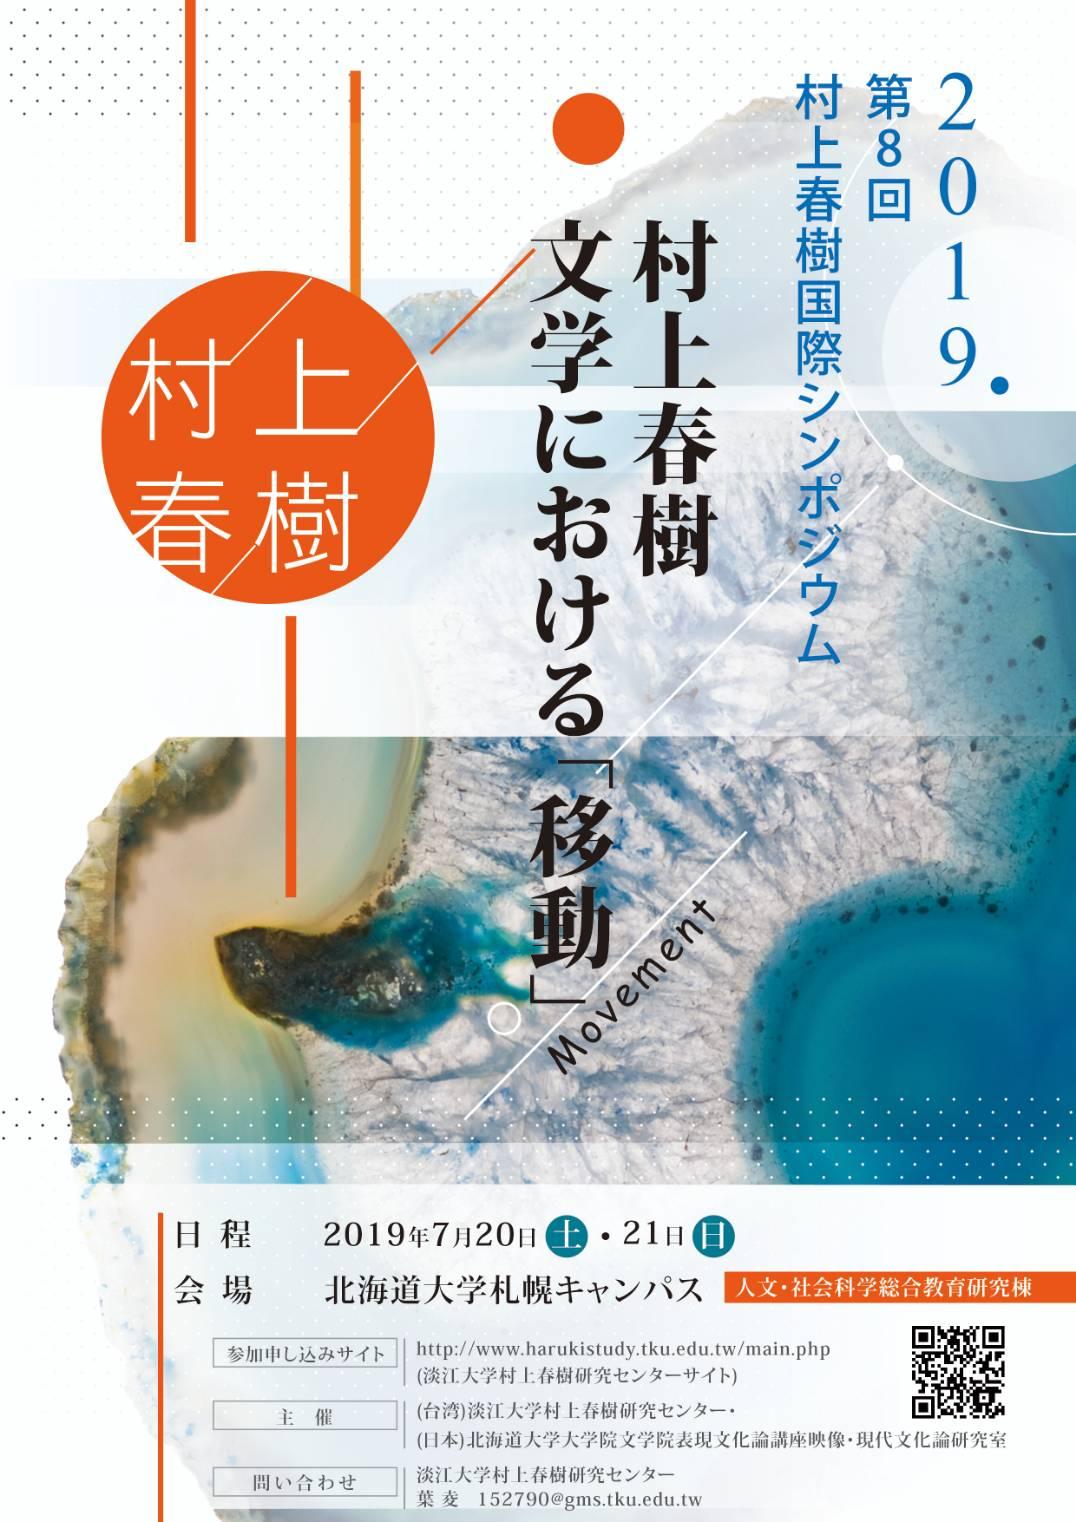 活動海報:2019村上春樹國際學術研討會